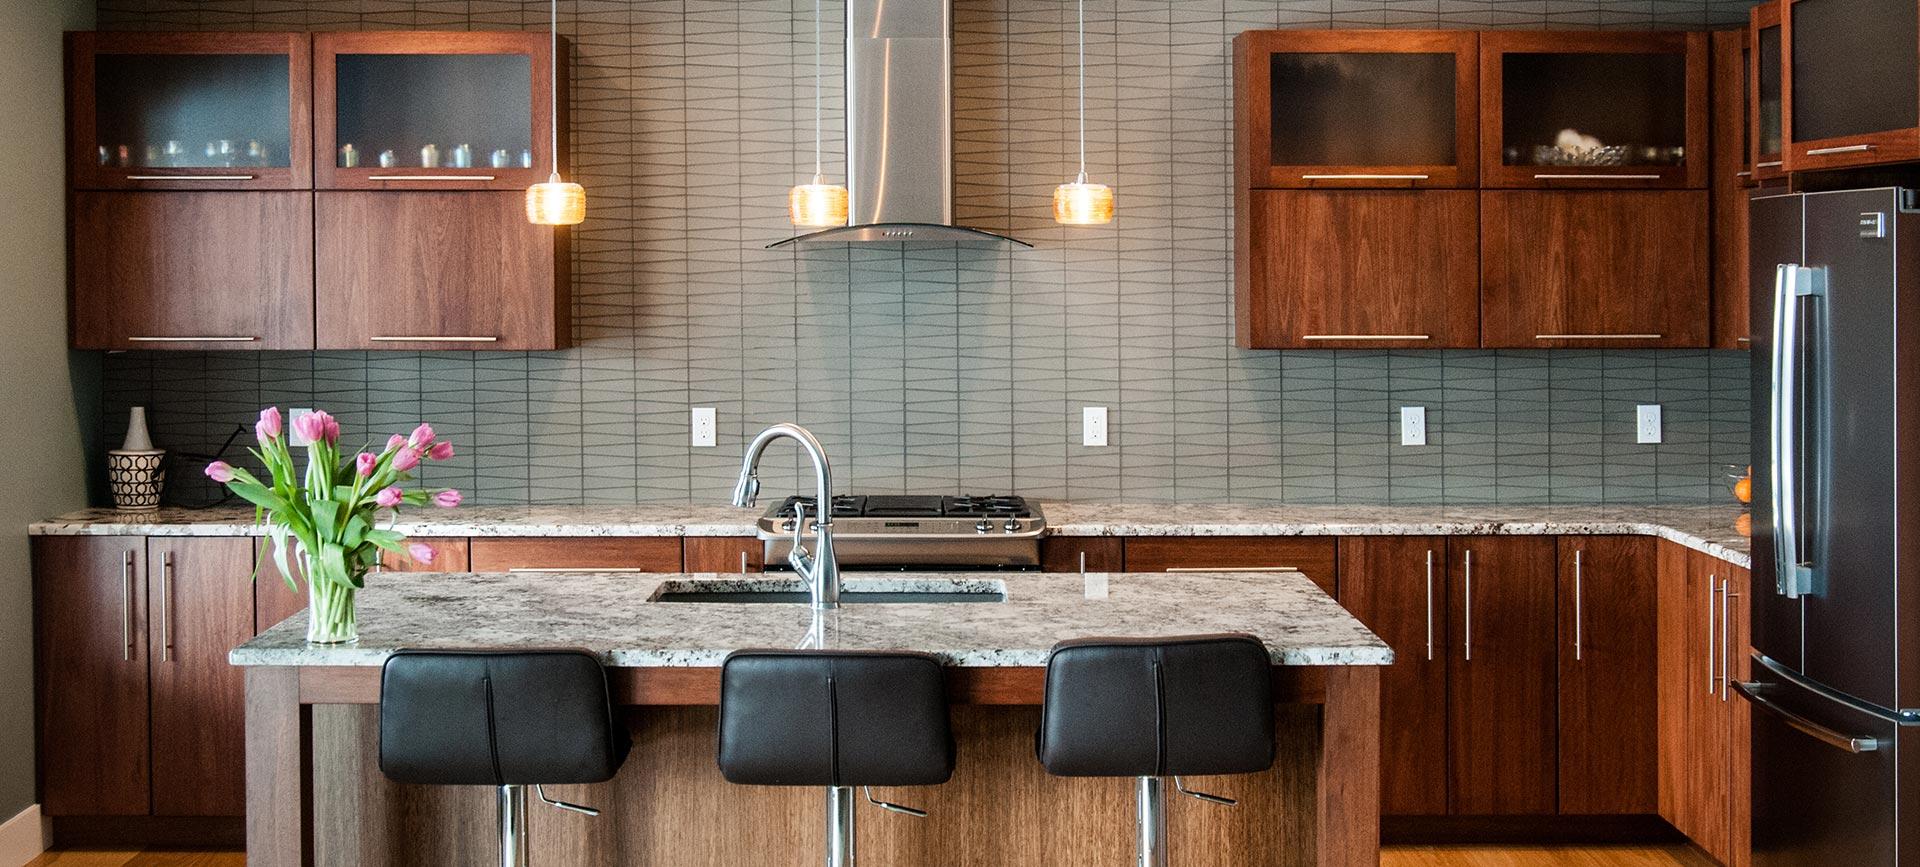 kitchen & bath mats costco scholten